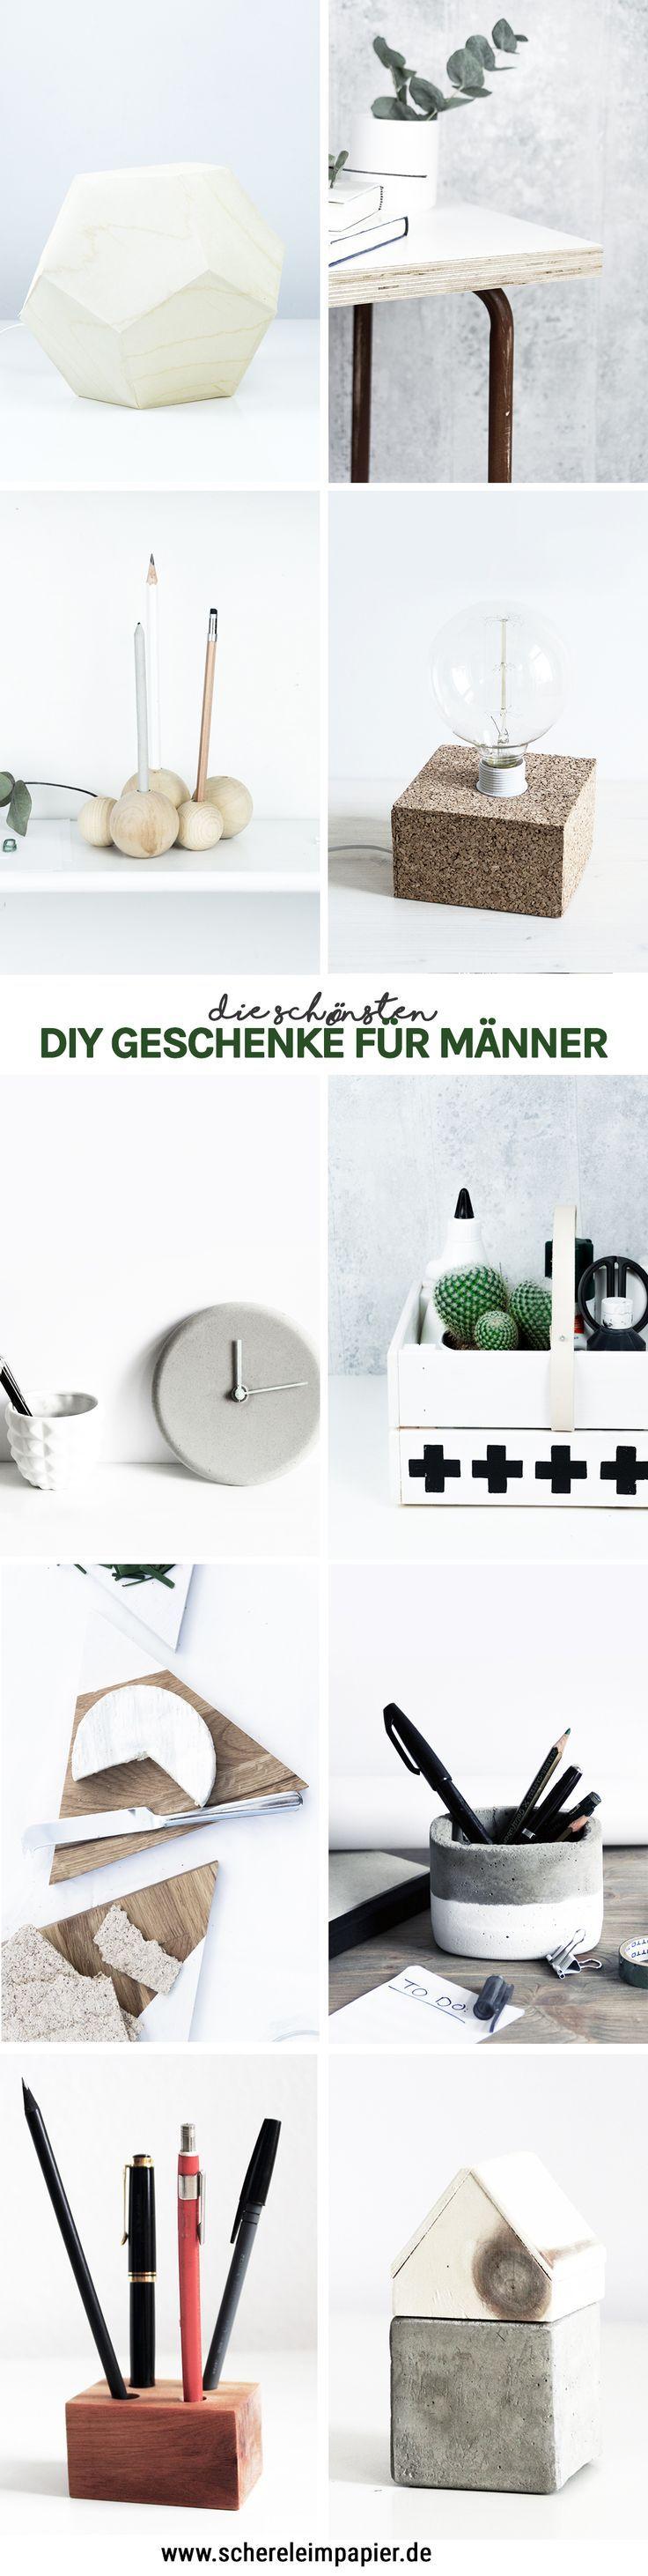 diy geschenke f r m nner selber machen 10 kreative ideen diy geschenke f r 39 s ganze jahr. Black Bedroom Furniture Sets. Home Design Ideas